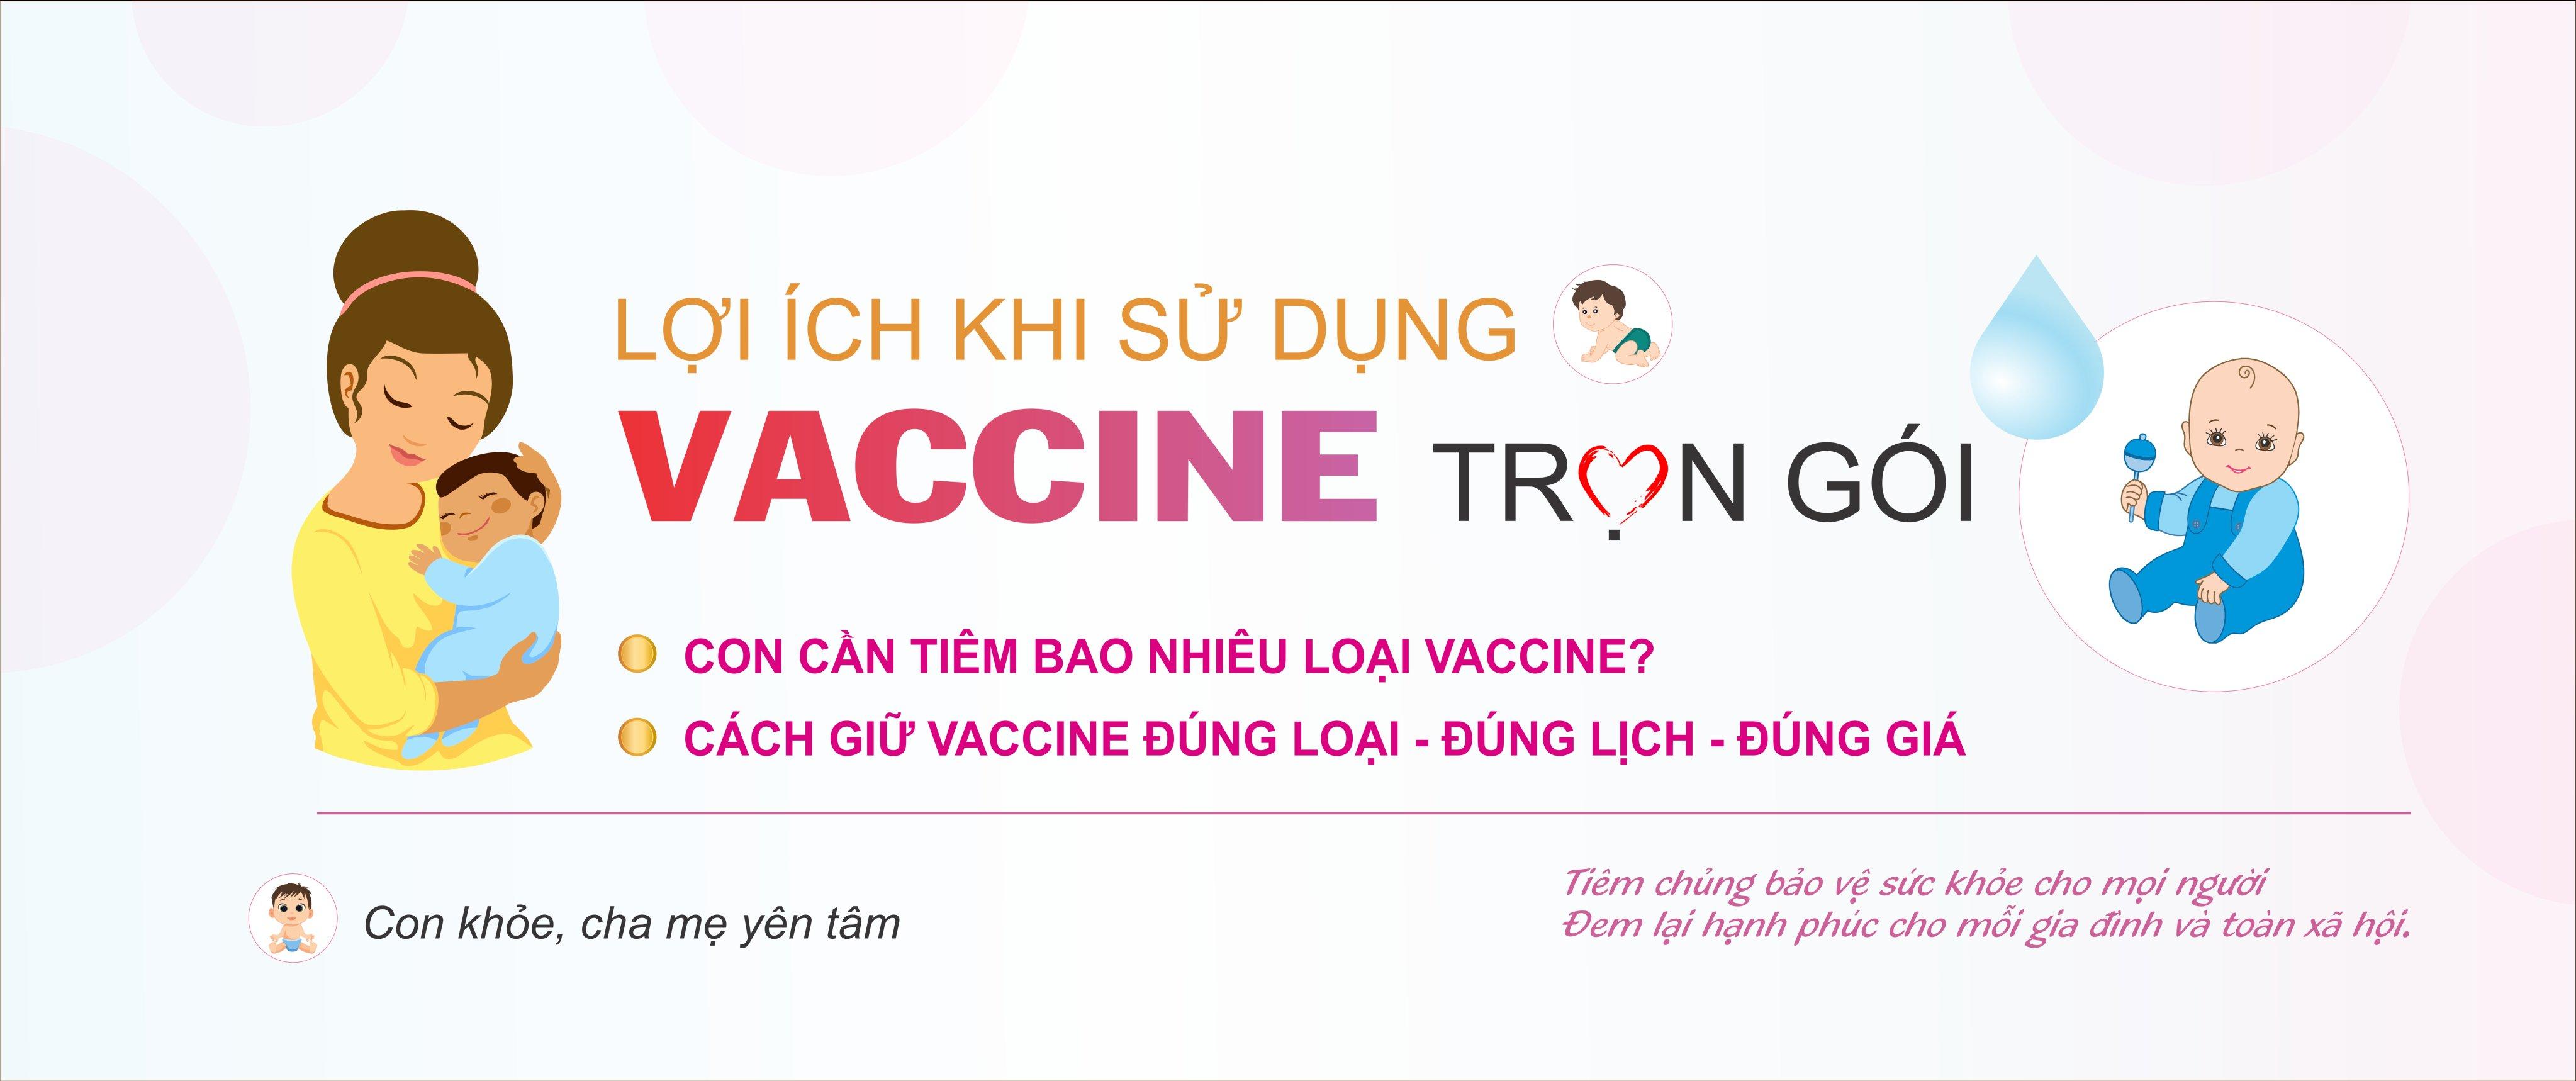 Ảnh Slide home Lợi ích của việc sử dụng Vaccine trọn gói